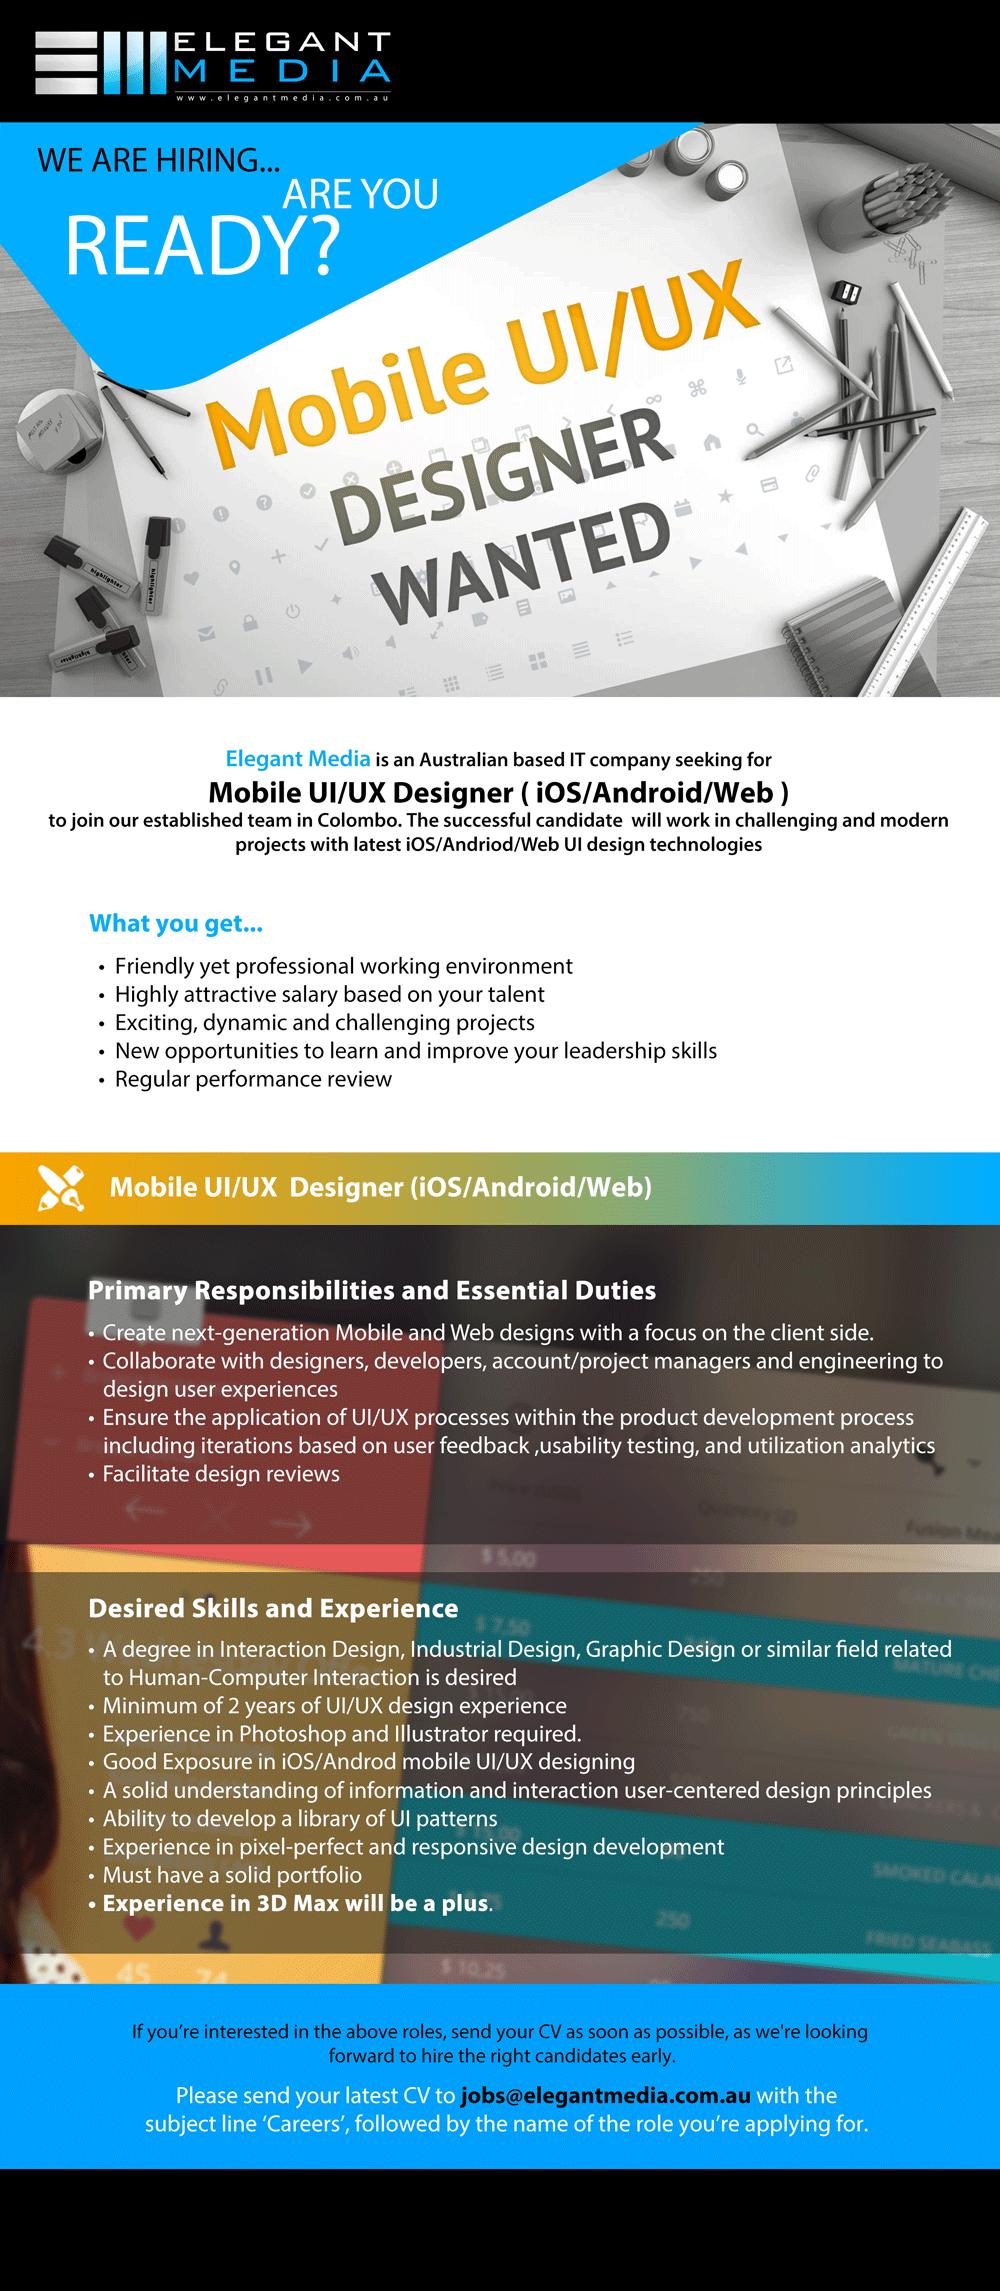 Mobile UI / UX Designer (iPhones / Android / Web) 2019